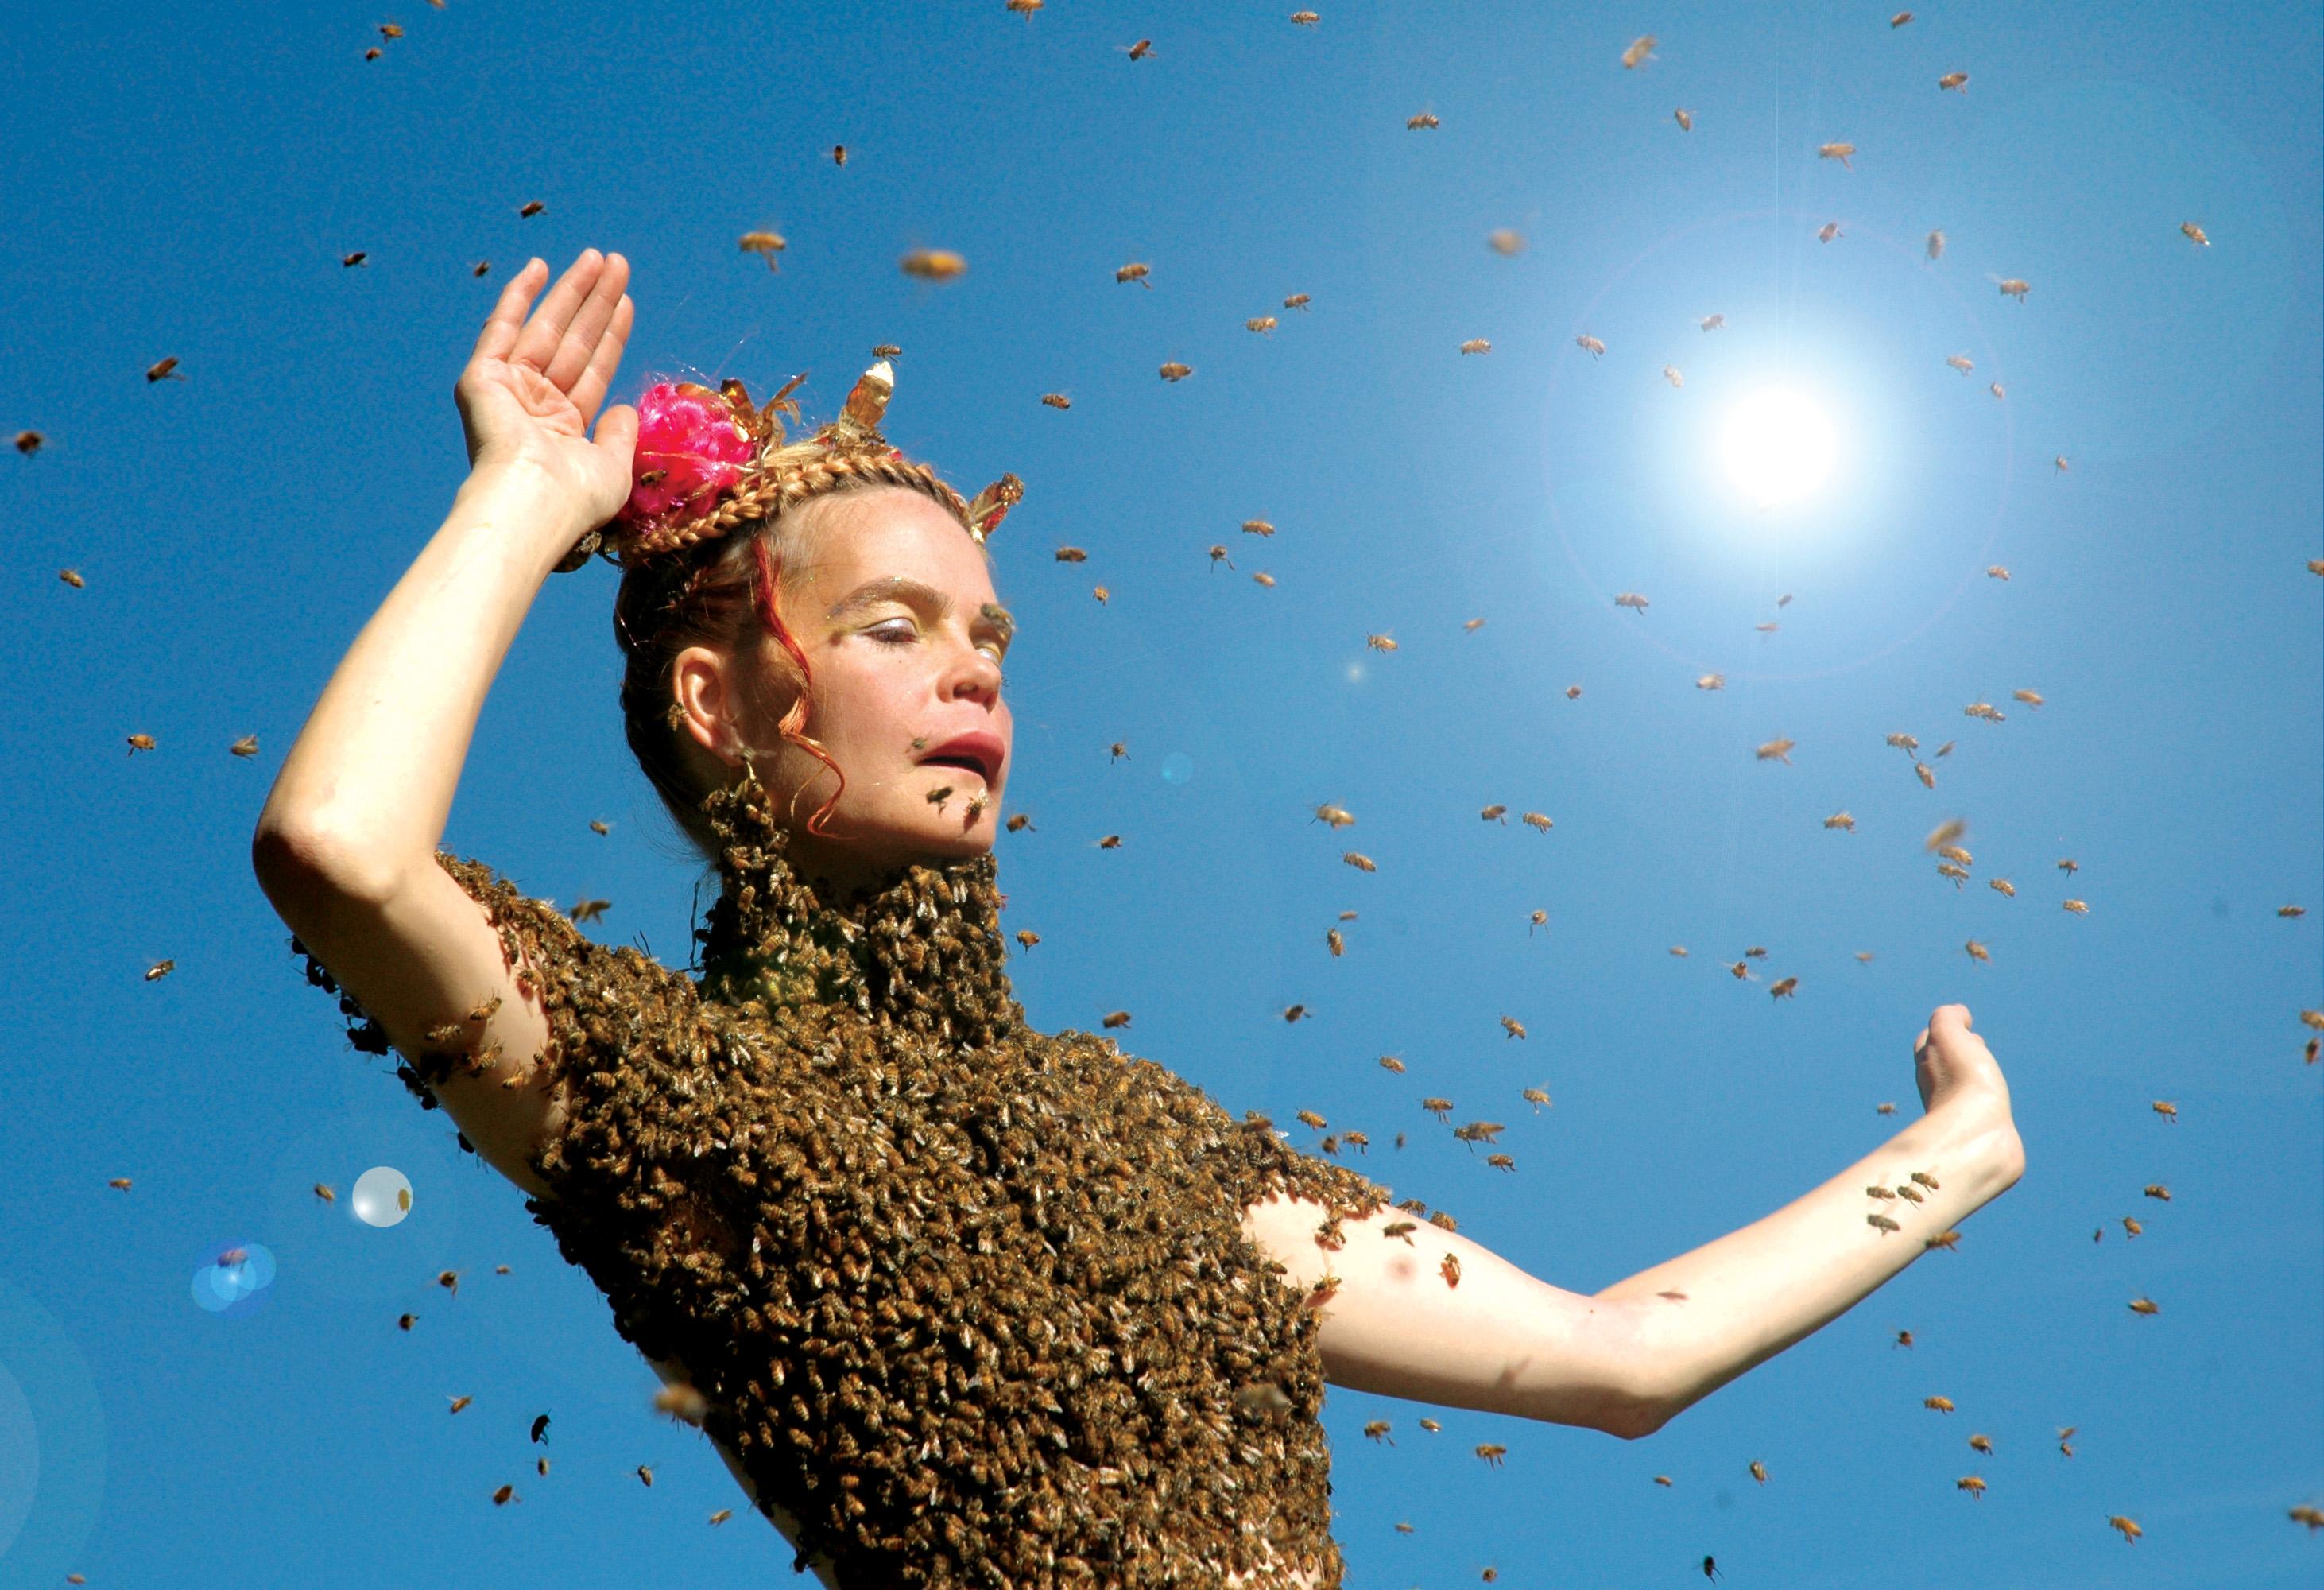 teresa montesarchio cittadelmonte sara mapelli danza con le api bee queen